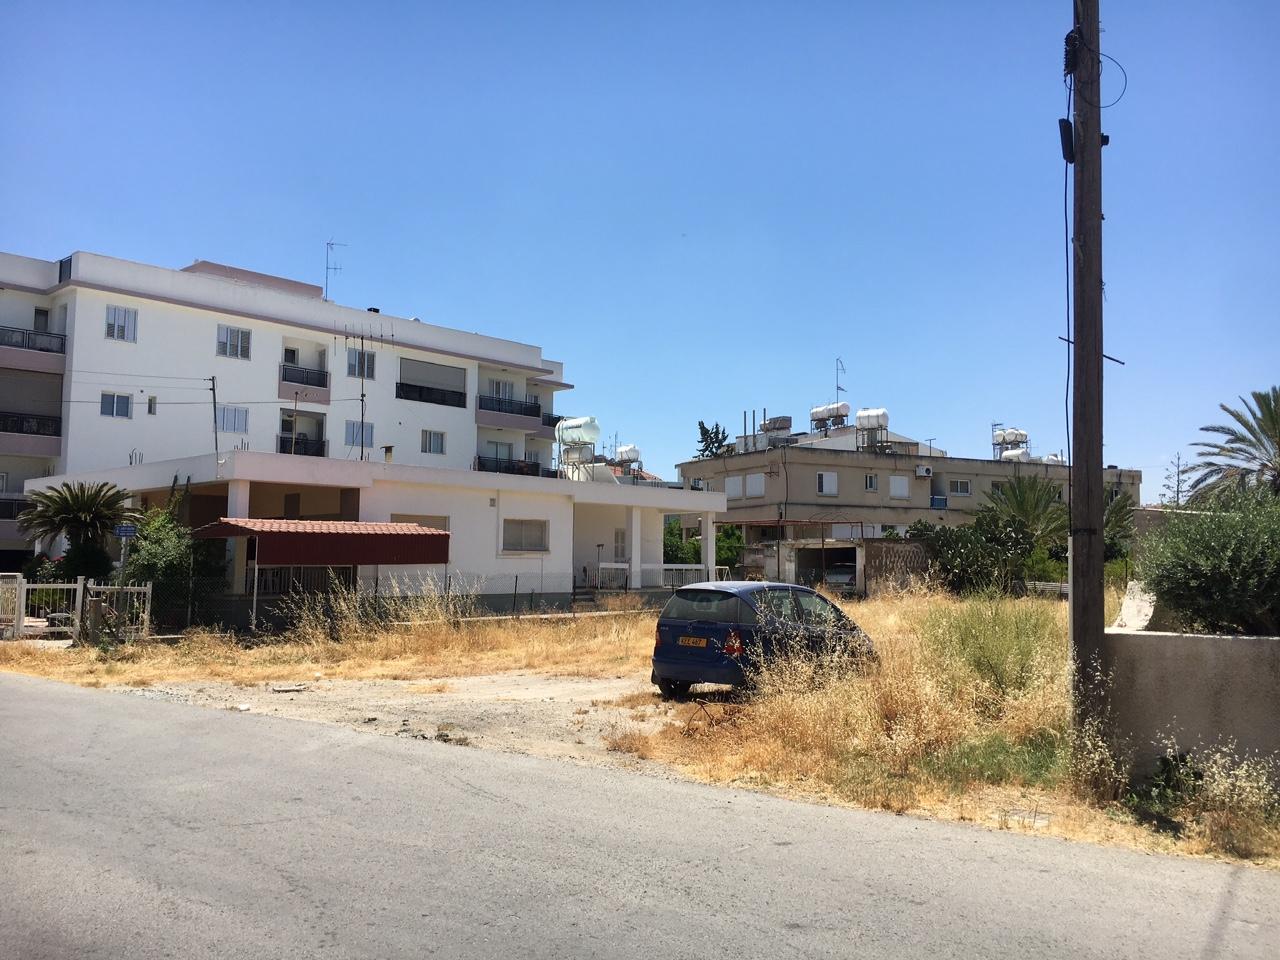 Πωλείται οικόπεδο κοντά στο ΑΛΦΑ ΜΕΓΑ Ακρόπολης…